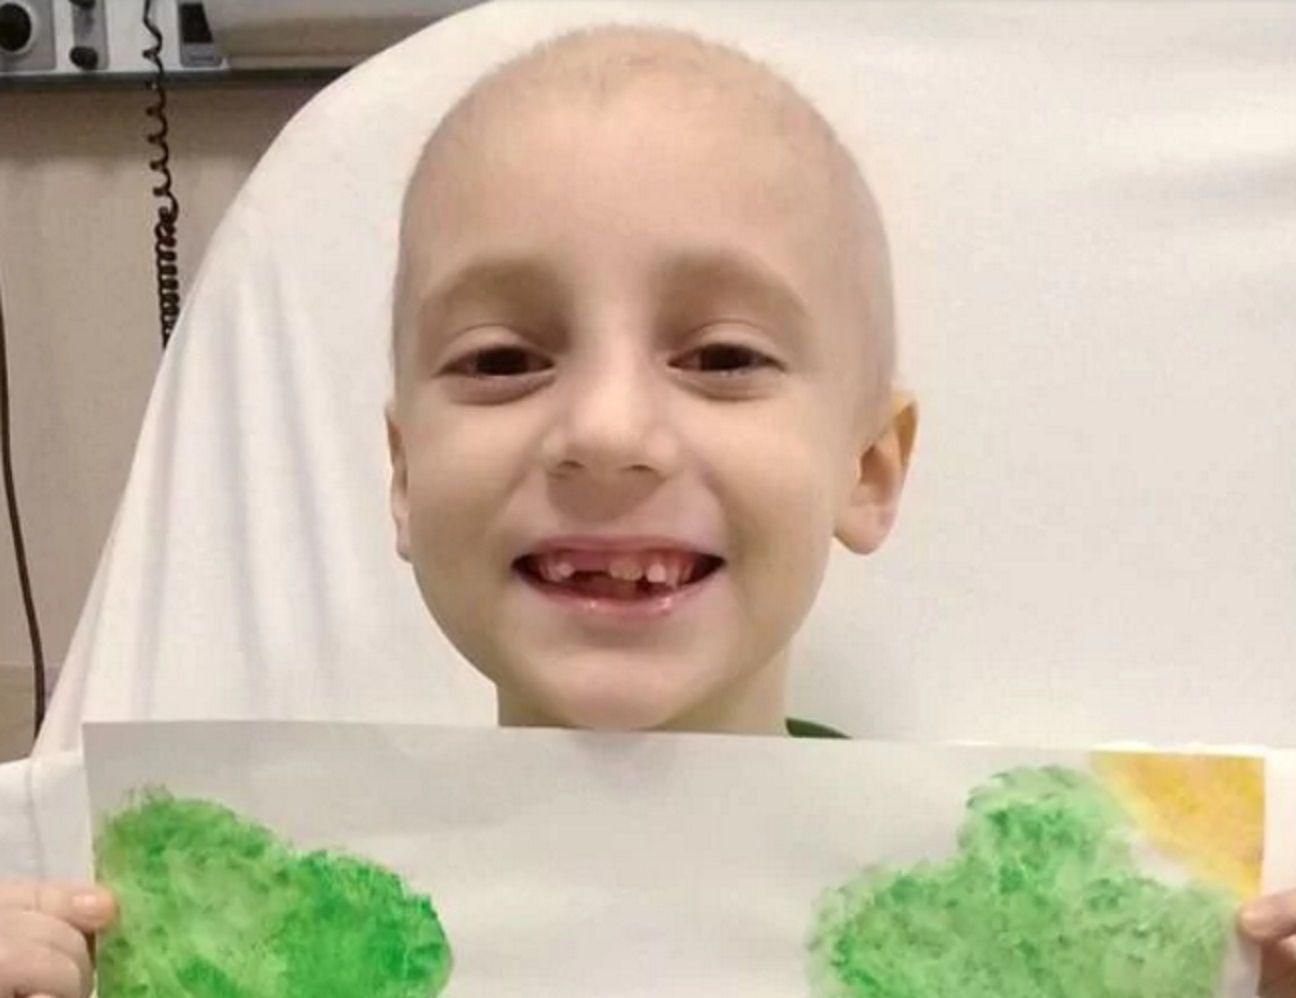 Tiene 7 años  y padece leucemia: buscan donantes de médula para salvarlo